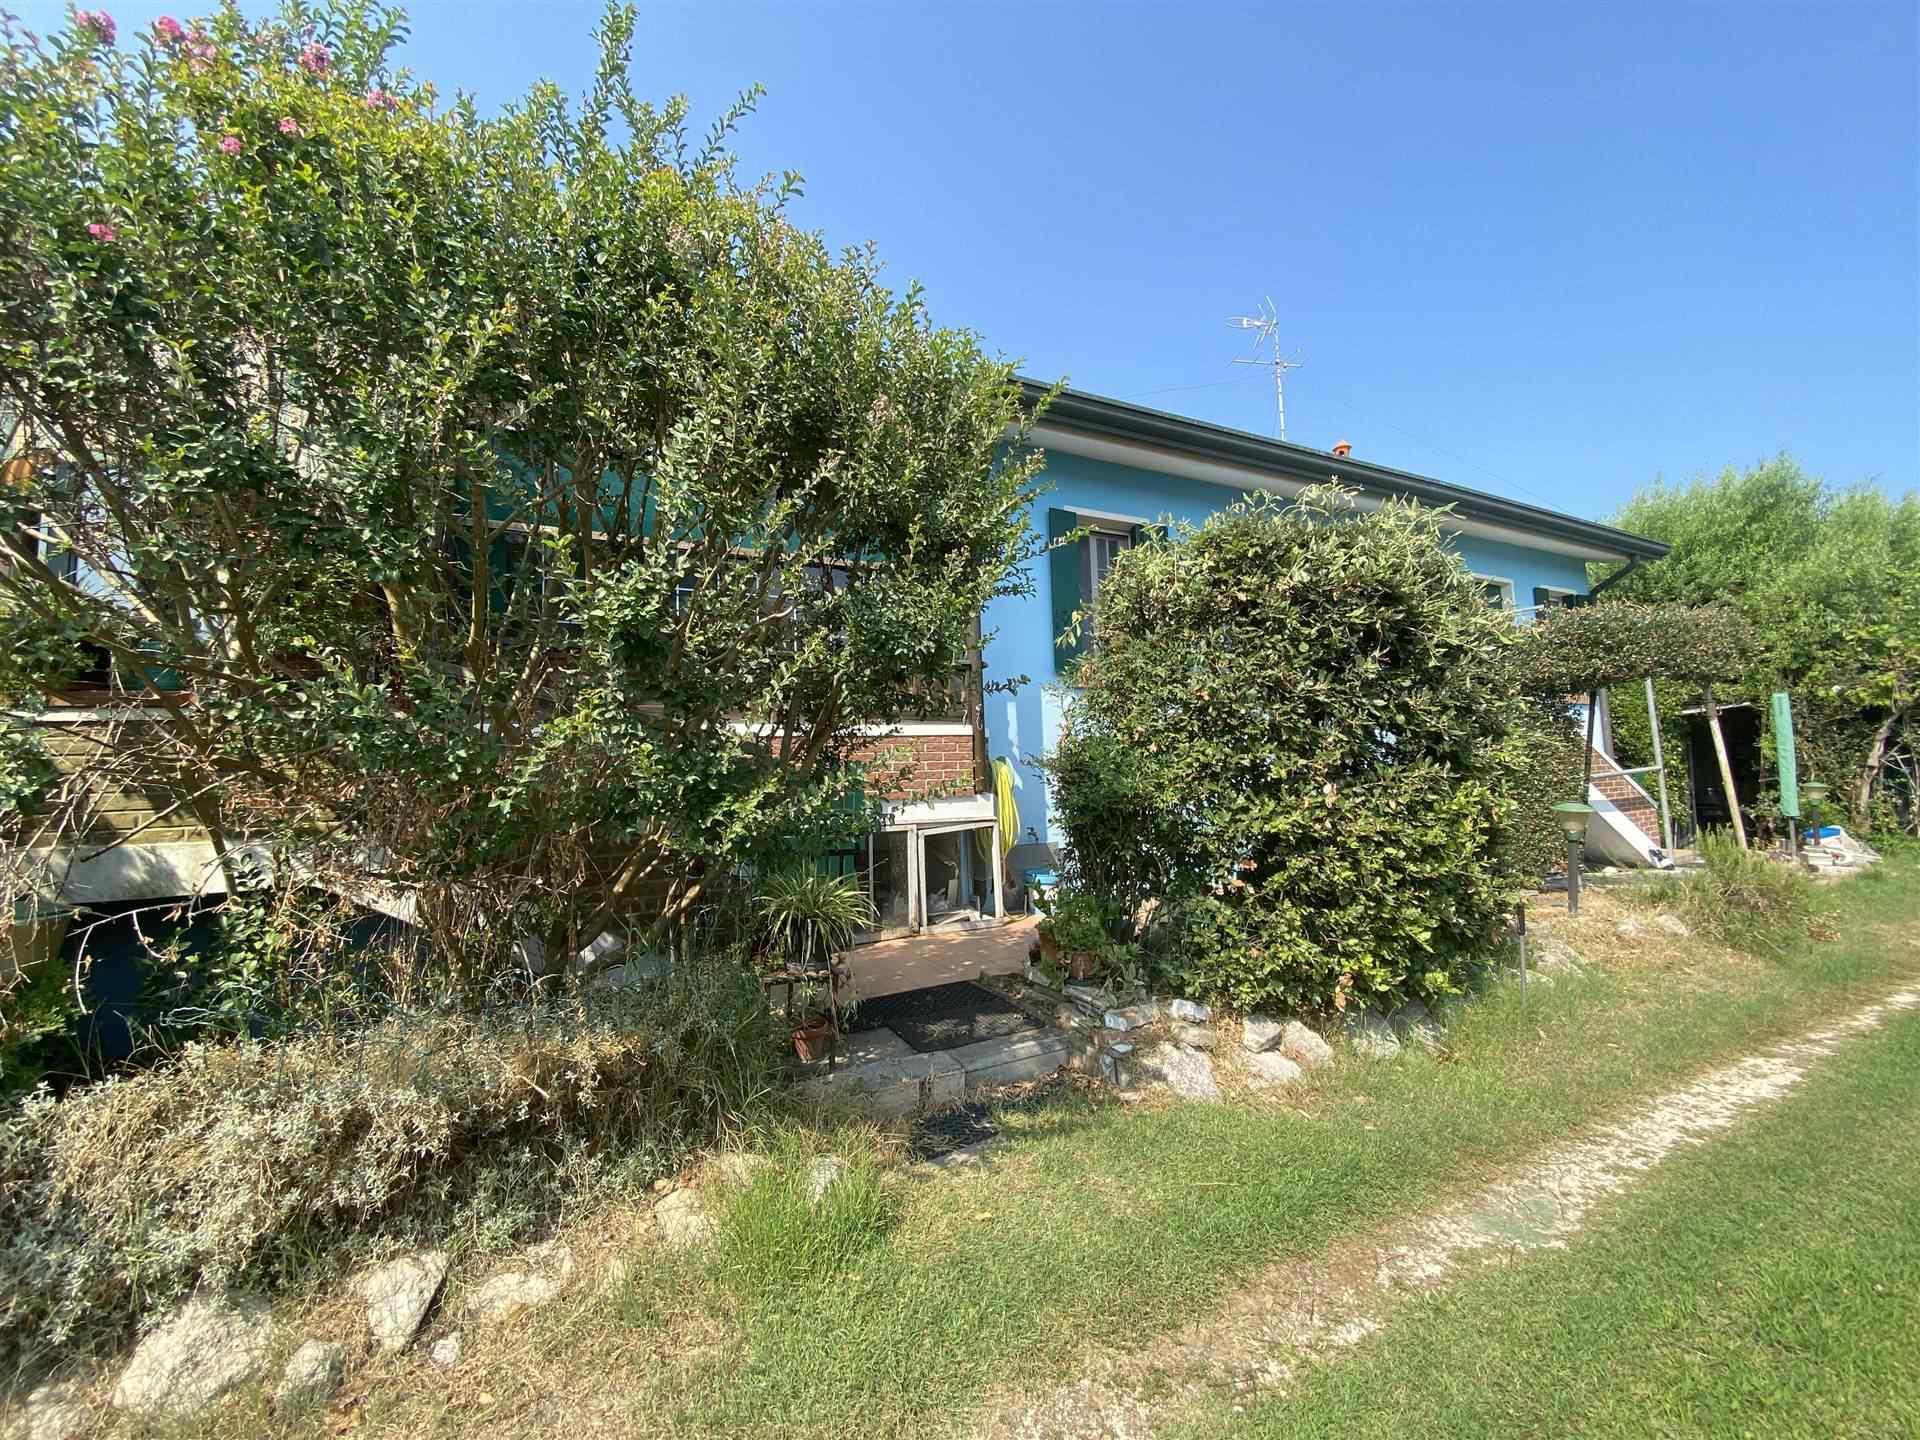 Rif. B319 CANAL DI VALLE, CHIOGGIA: Vendesi villa singola a pochi chilometri da Chioggia, immersa in un giardino di 4.500 mq esclusivo, con un